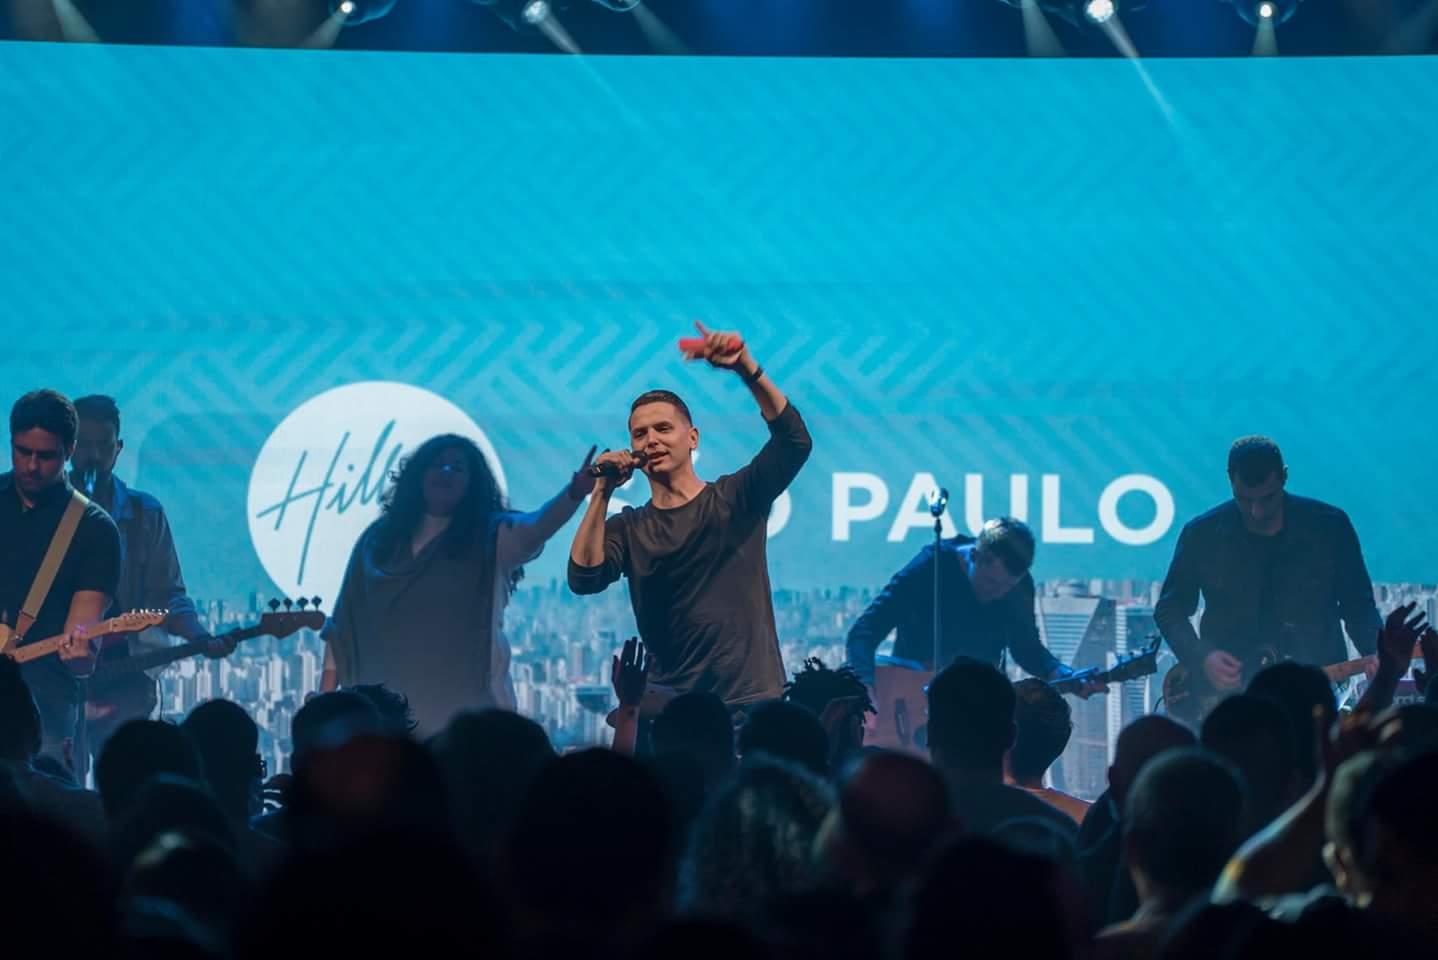 Rafael Bitencourt, Pastor - Hillsong São Paulo